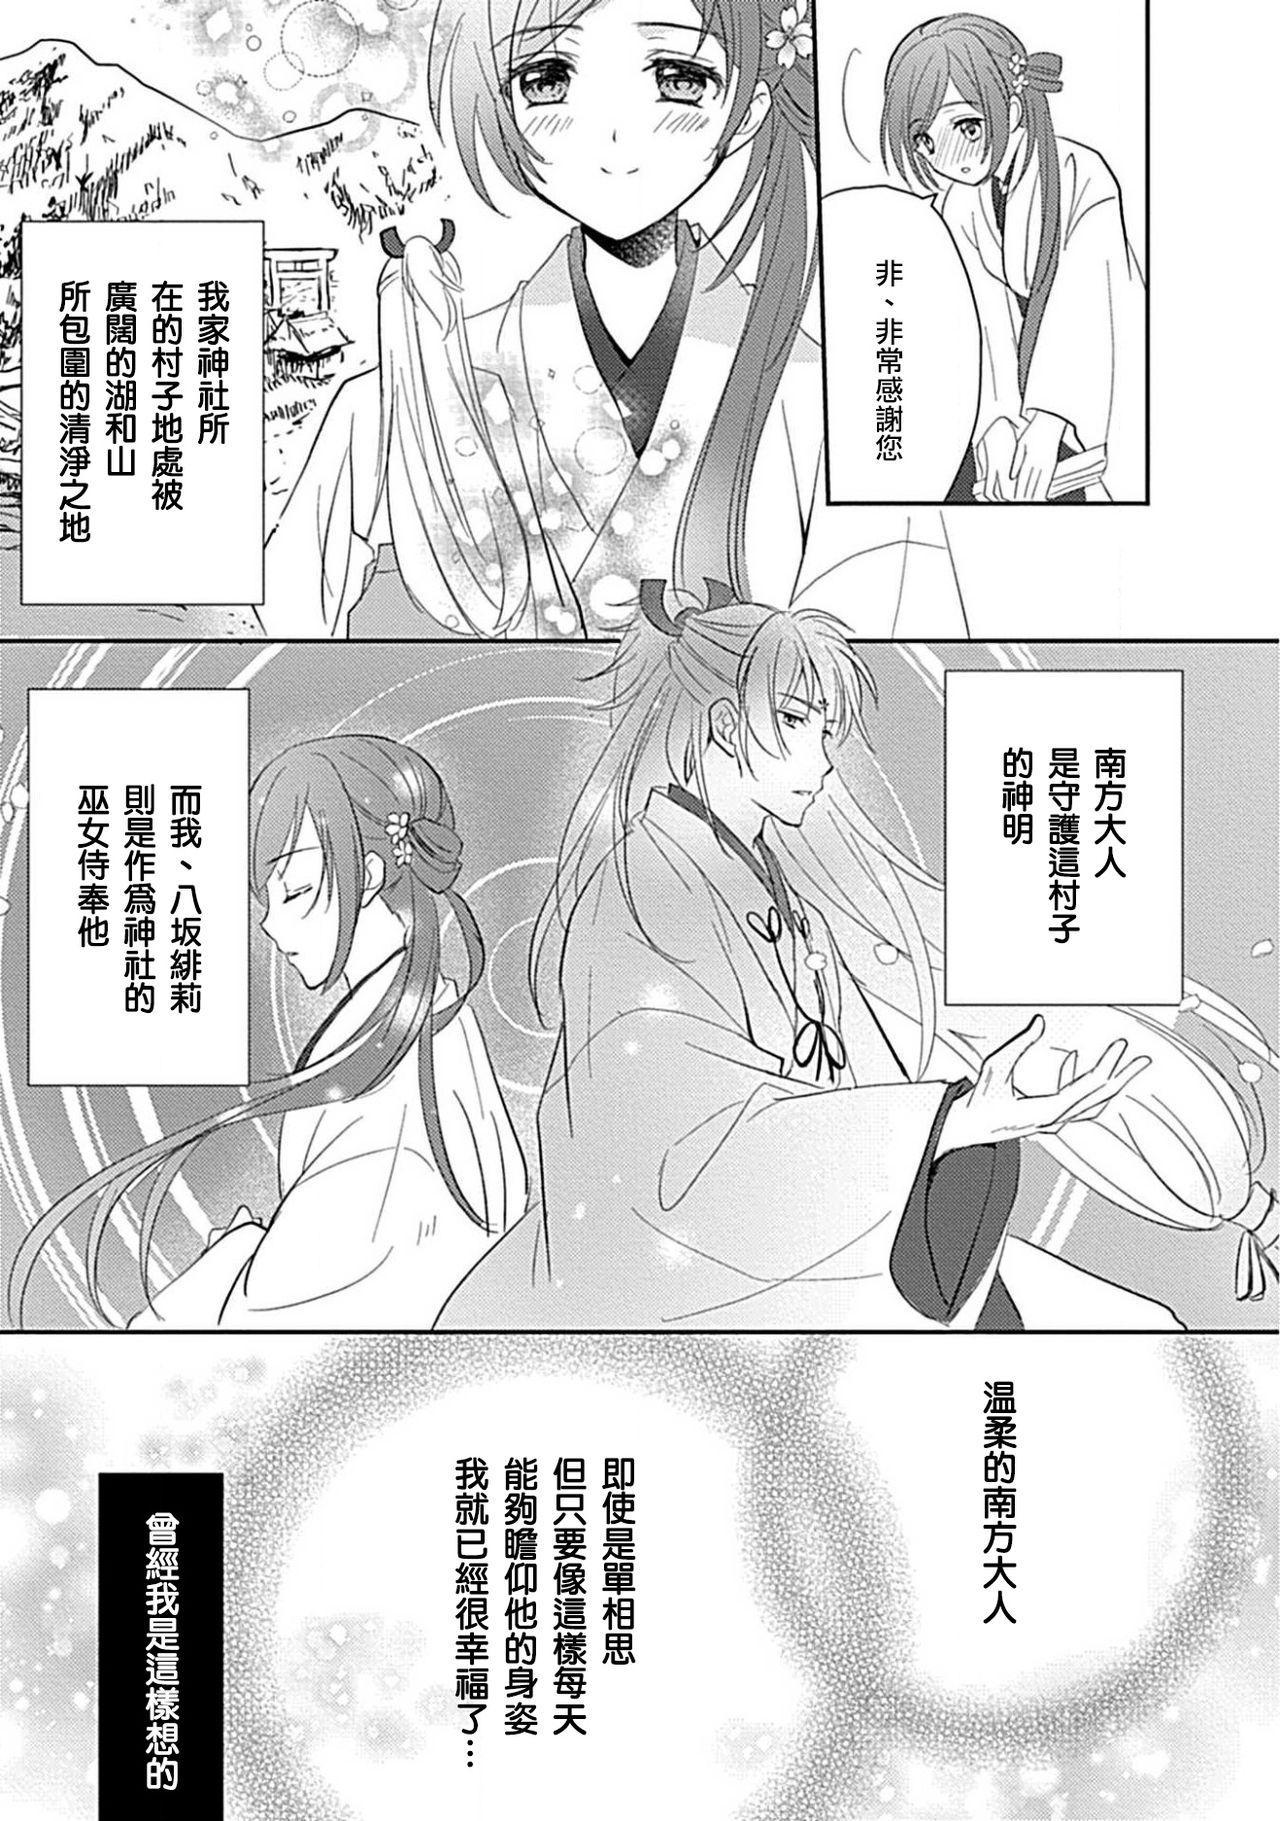 kyosei ranbu itoshi no kamisama ha amayaka ni osu deshita | 嬌聲亂舞 深愛的神明大人甜寵且英勇 3